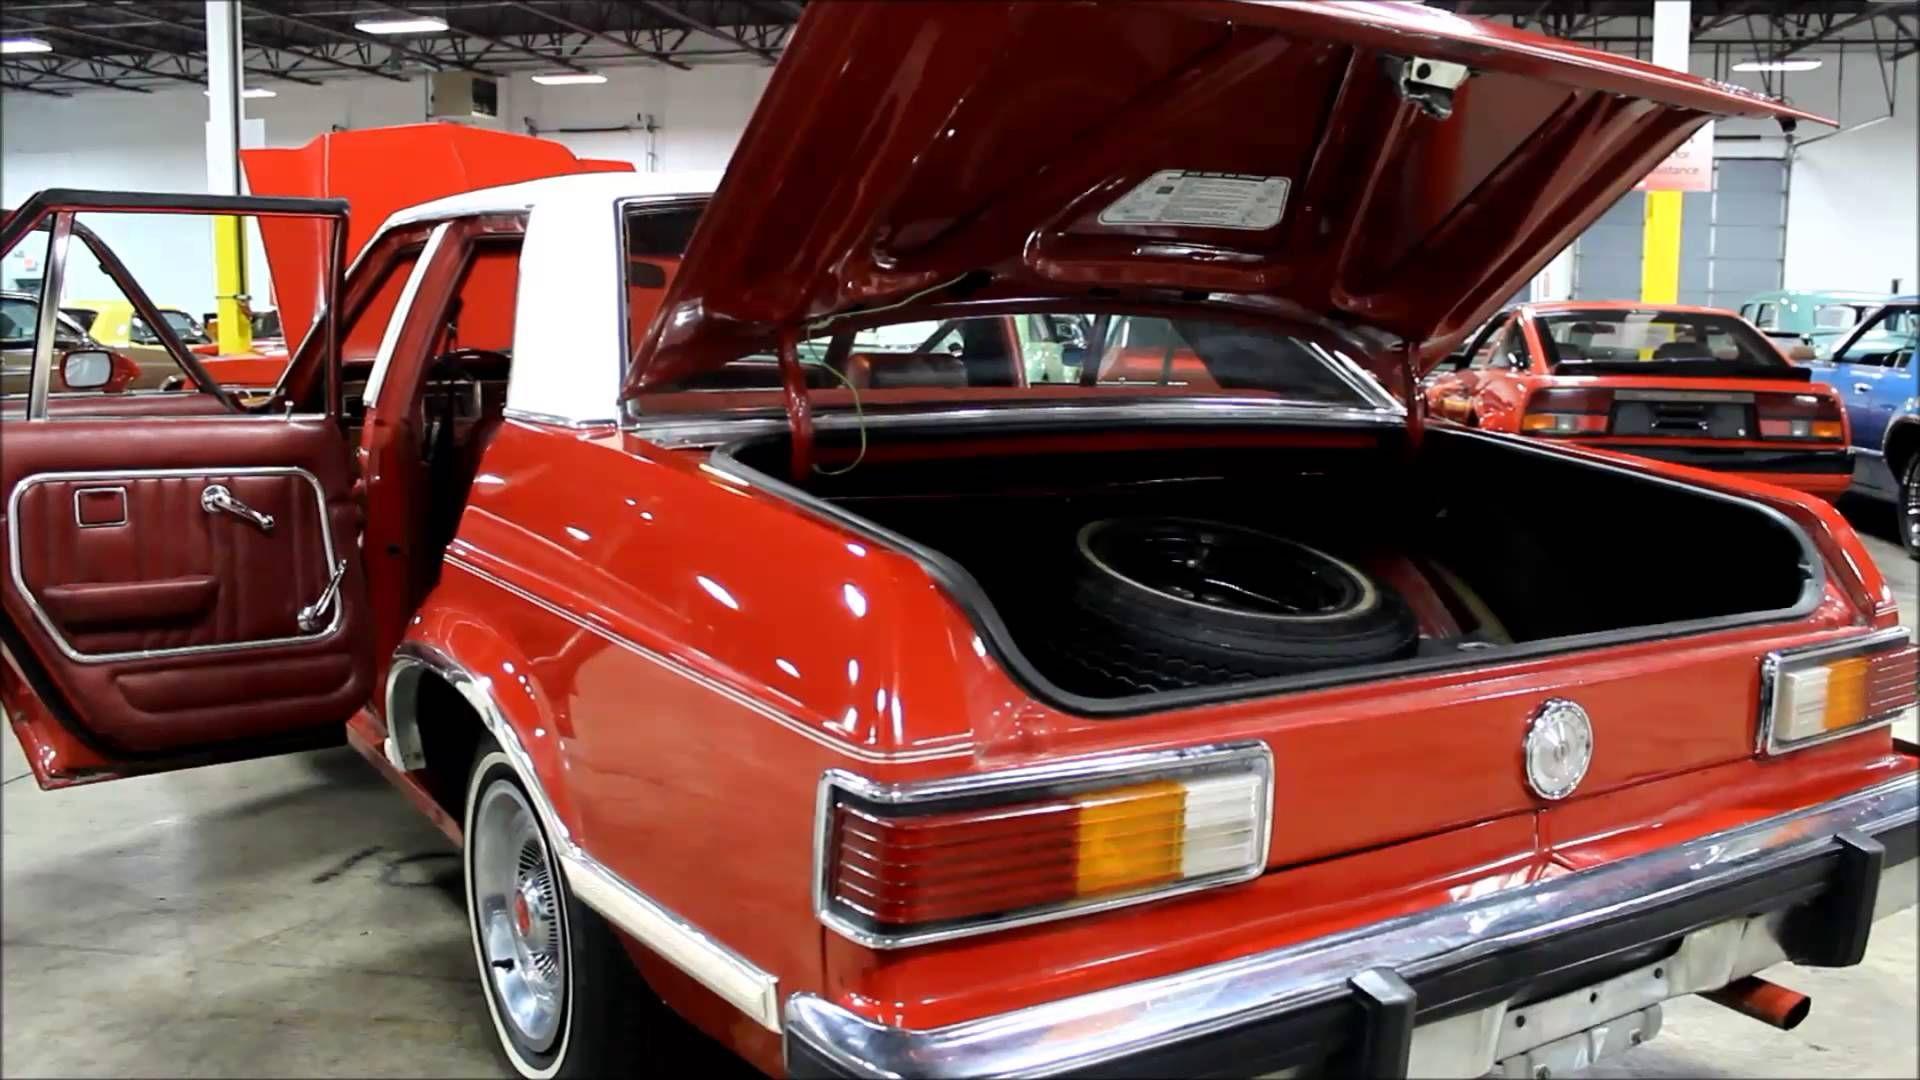 1977 Ford Granada Vinyl Top Removal 1979 Ford Granada Youtube Ford Granada Granada Ford